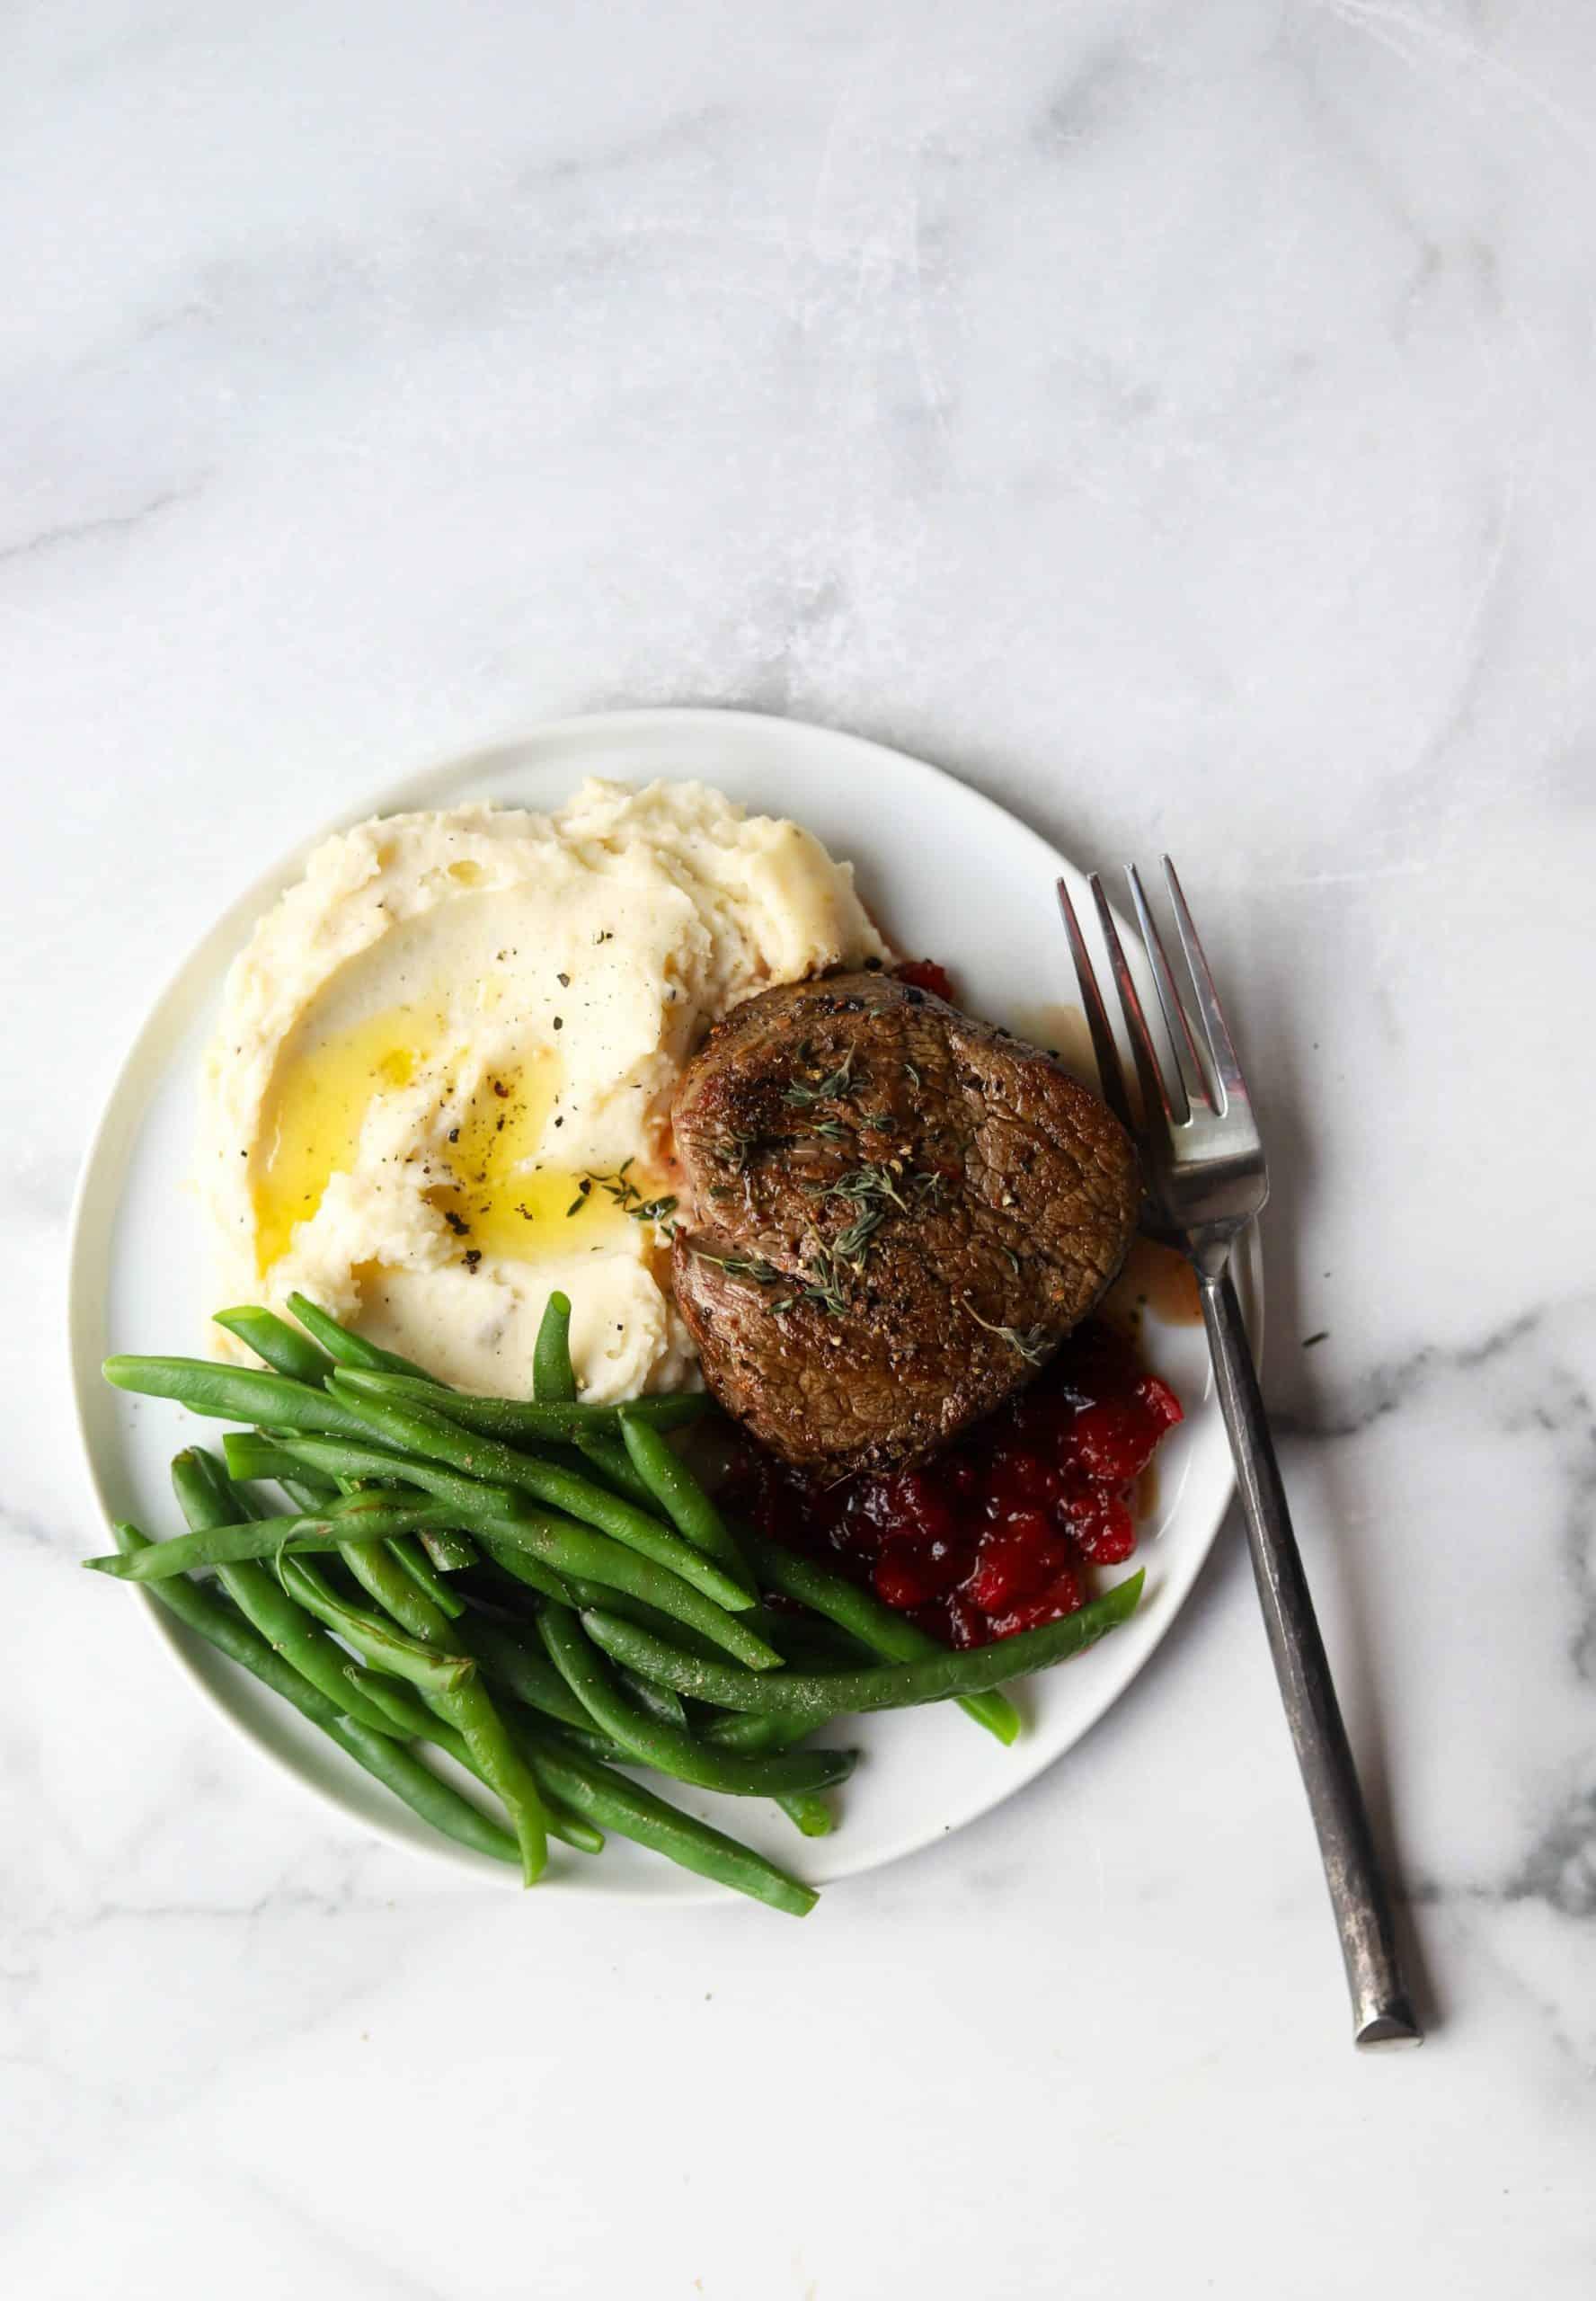 Beef tenderloin dinner on a white plate